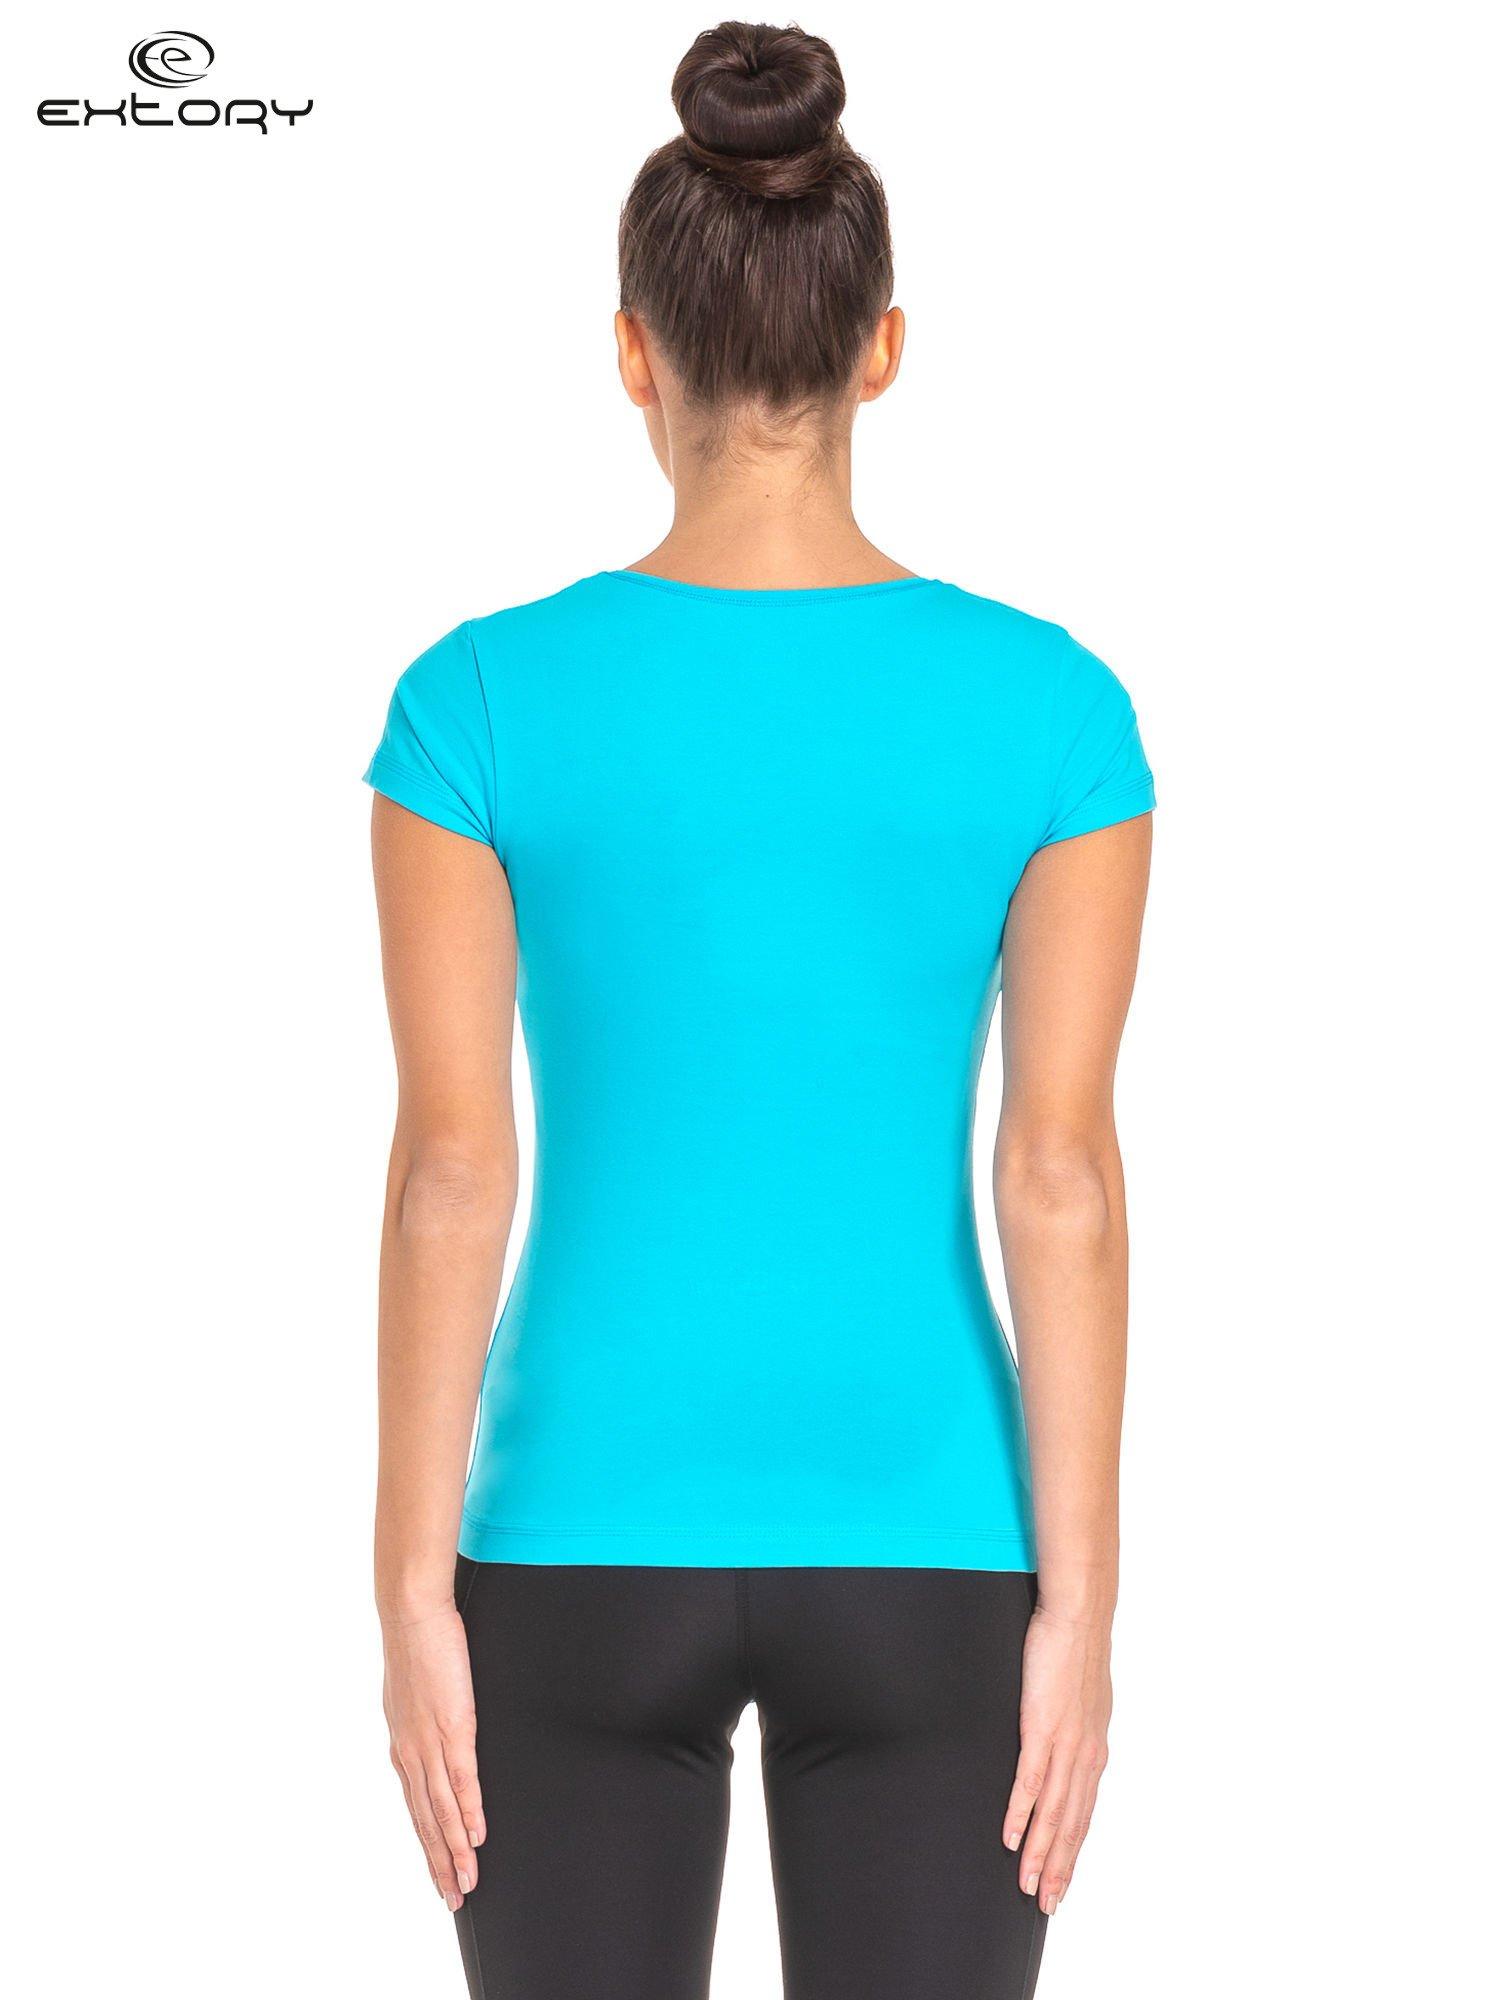 Niebieski jednolity t-shirt sportowy                                  zdj.                                  3